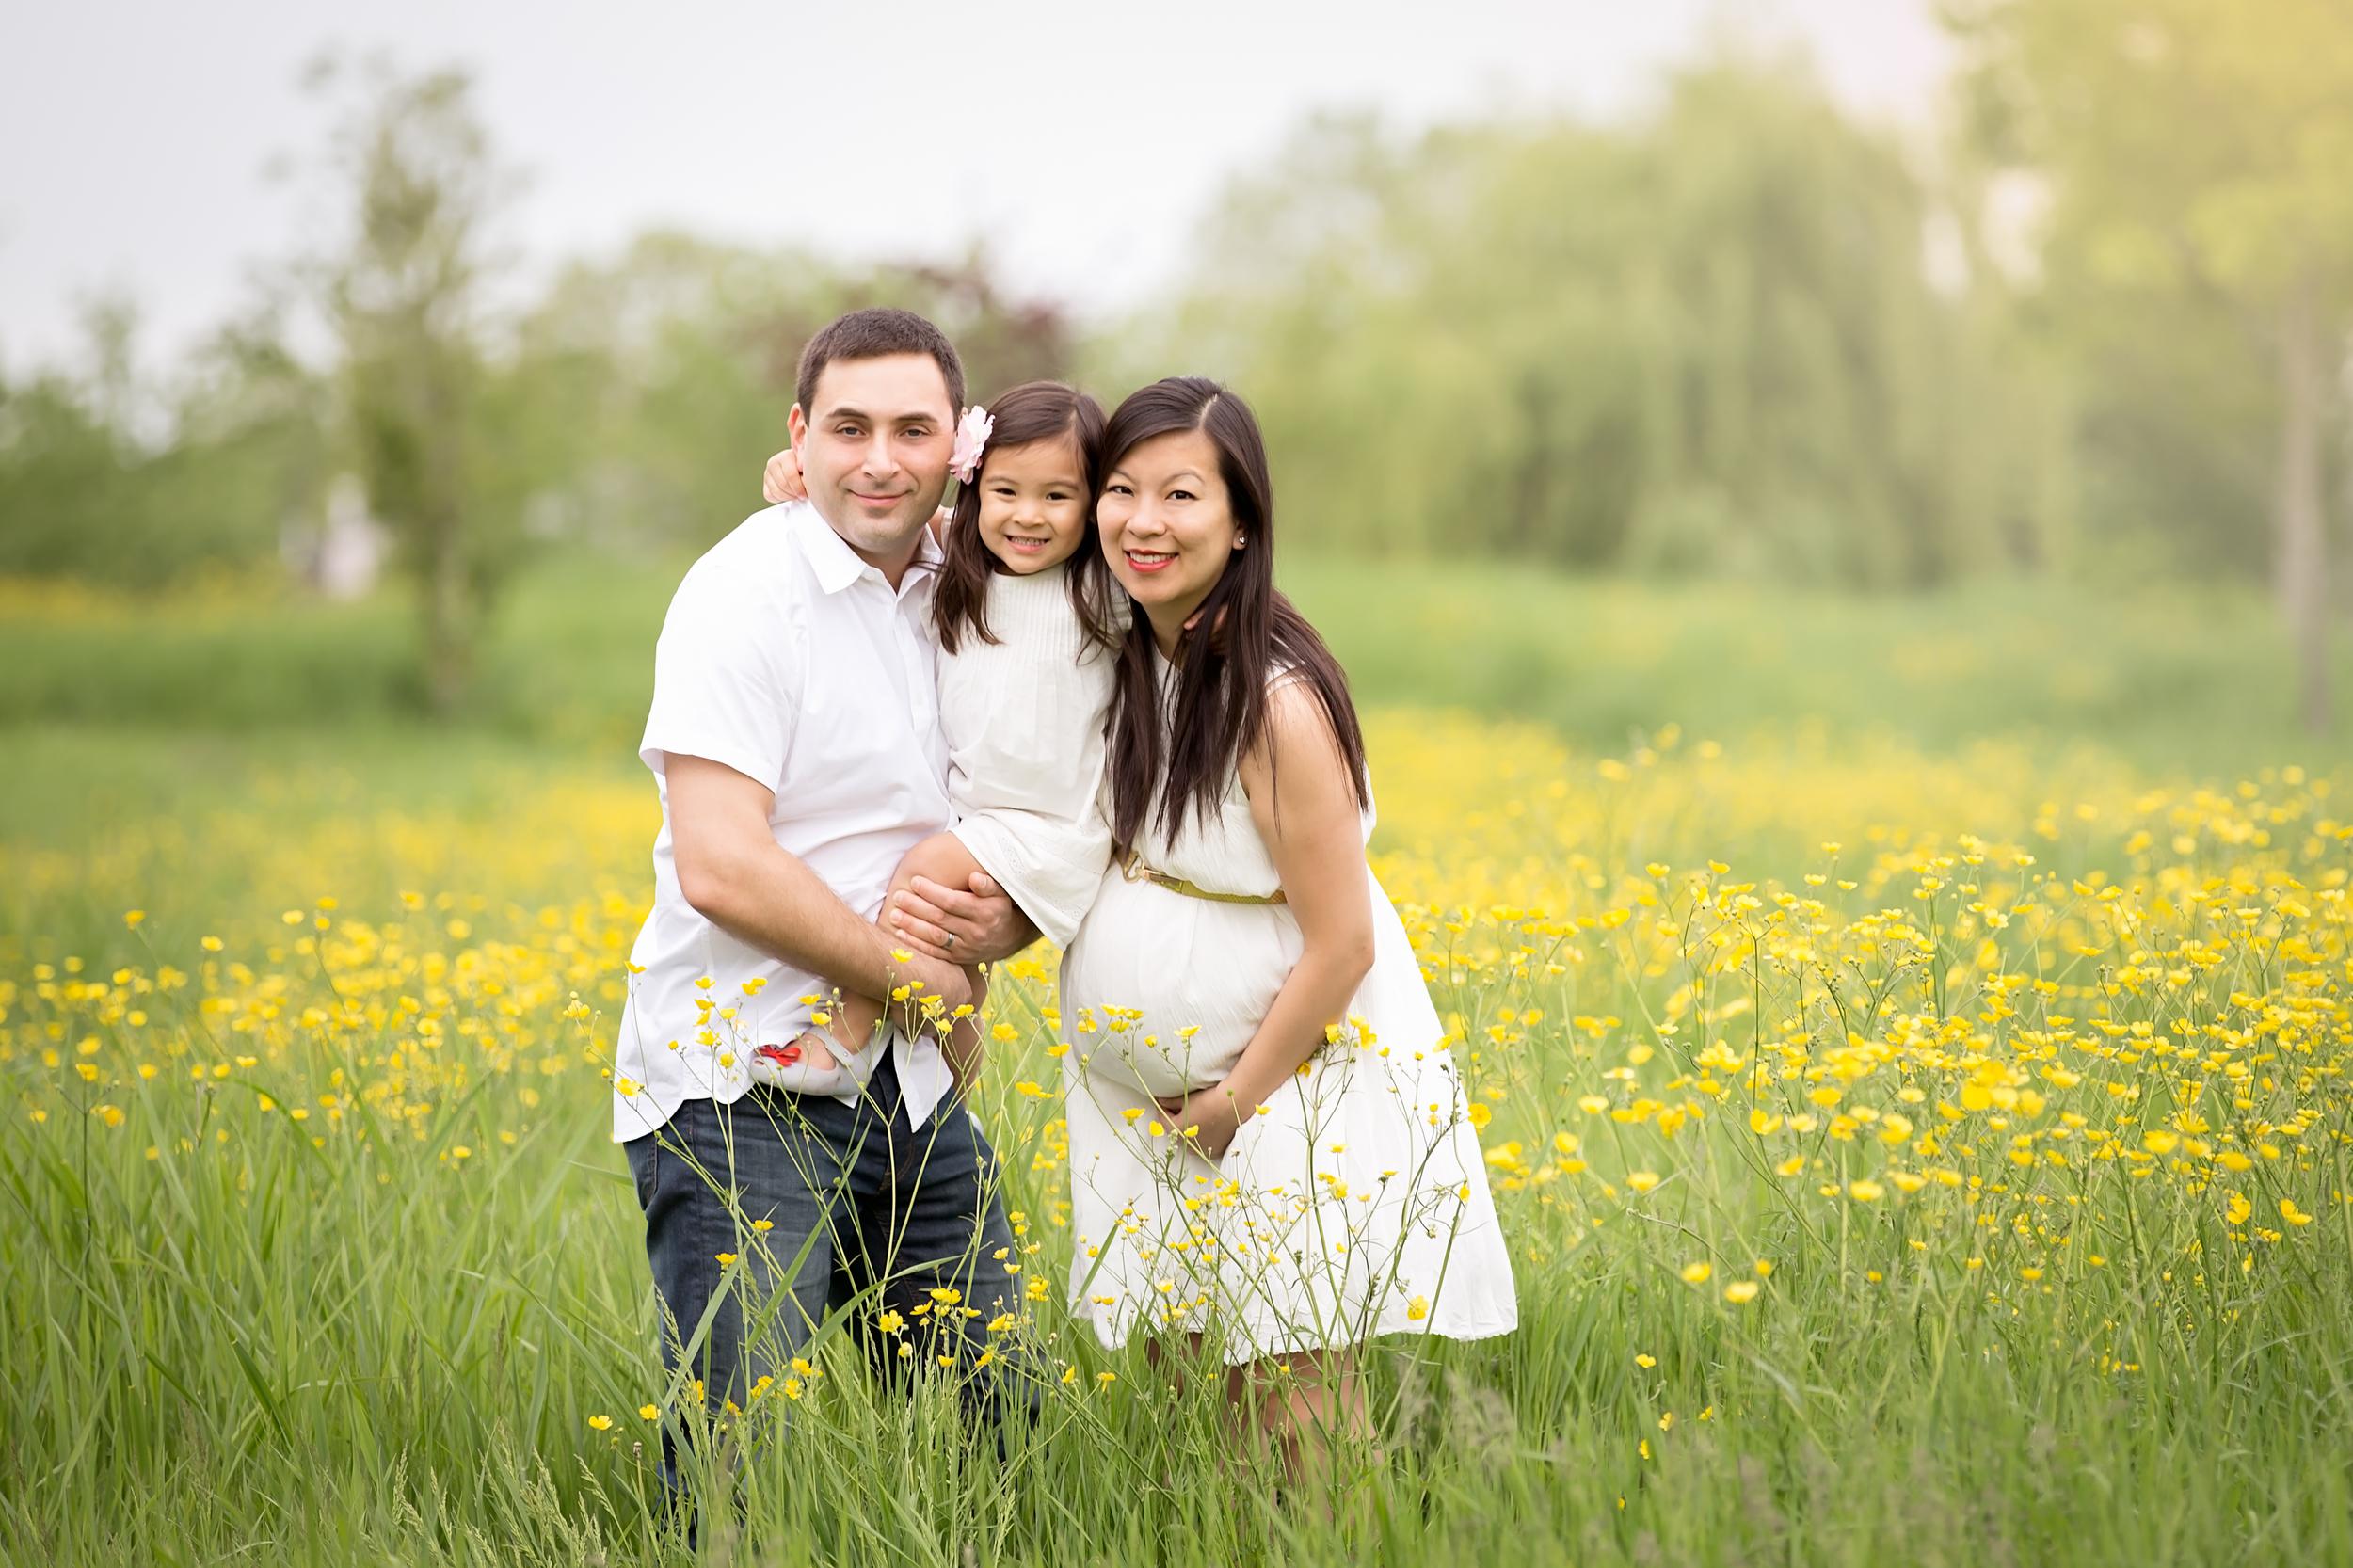 Judy Hoang Photography - Selena Woo Maternity-14.jpg